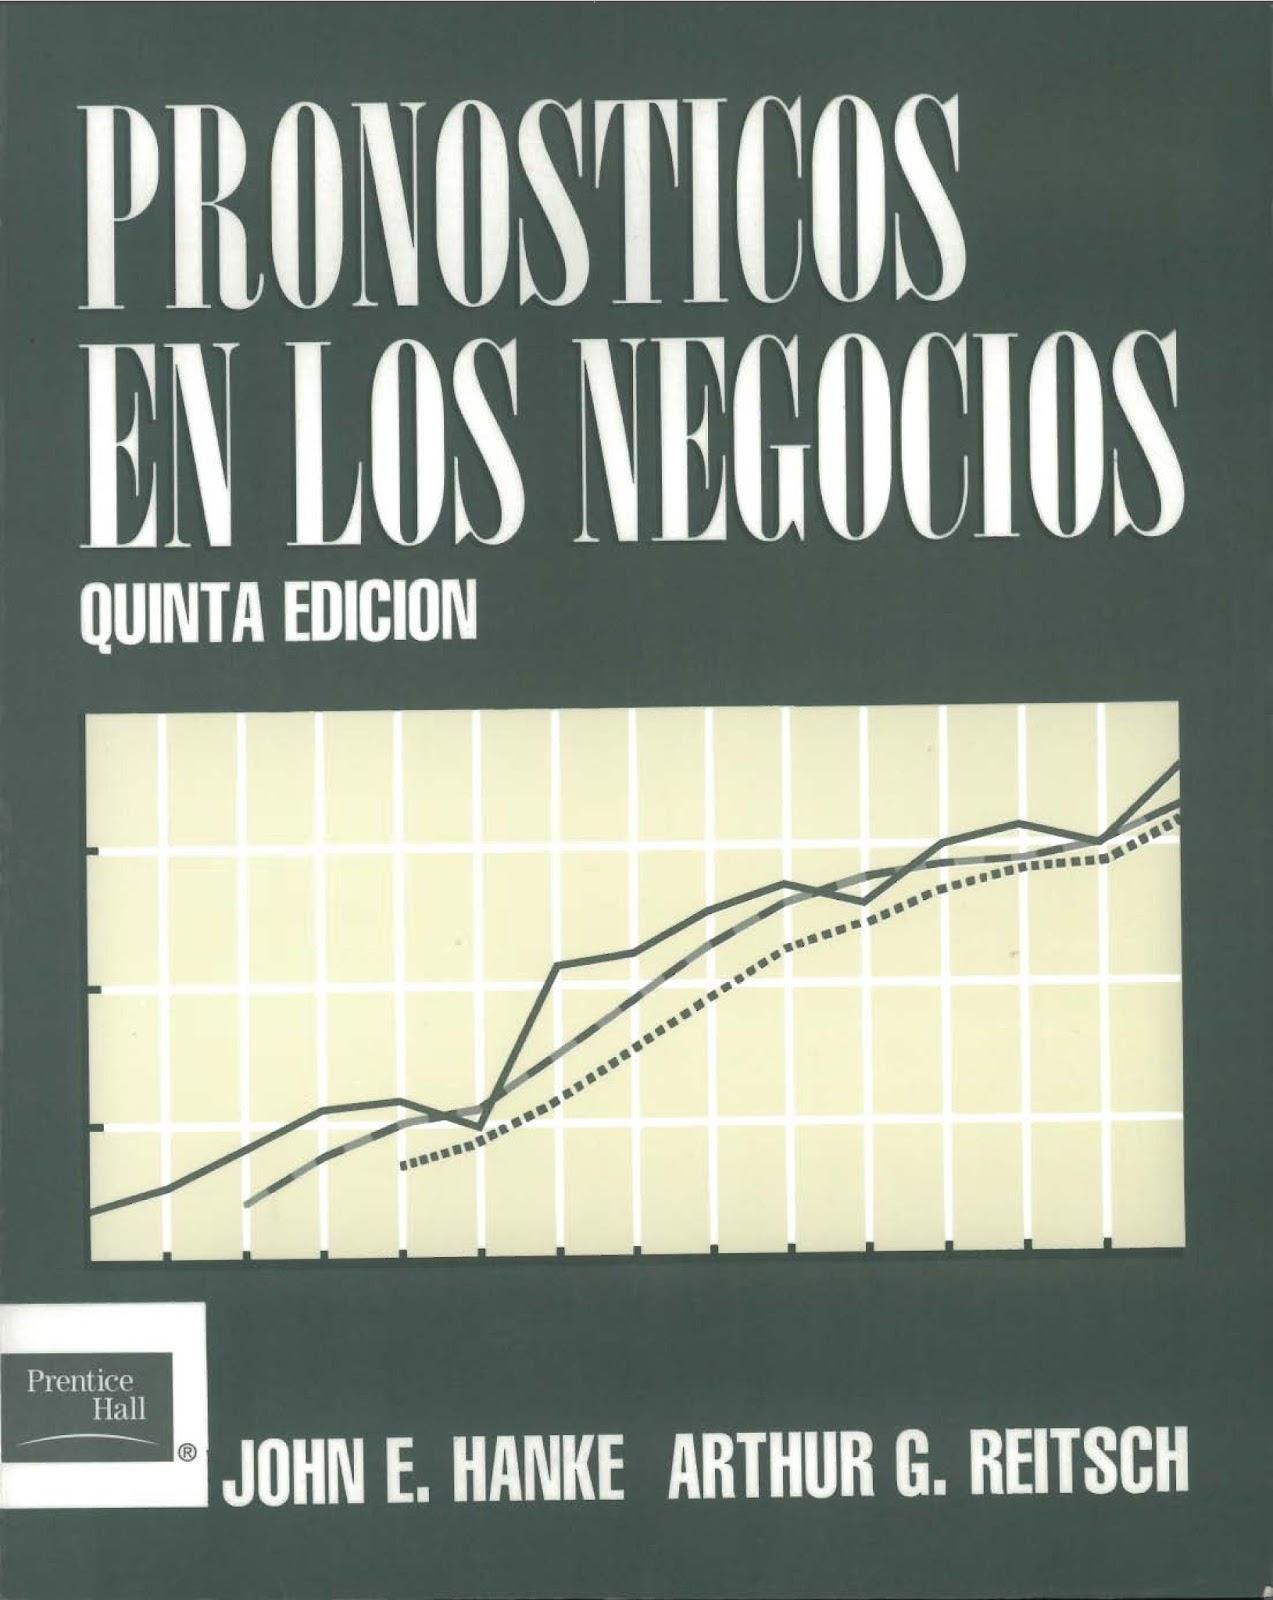 Pronósticos en los negocios, 5ta. Edición – John E. Hanke